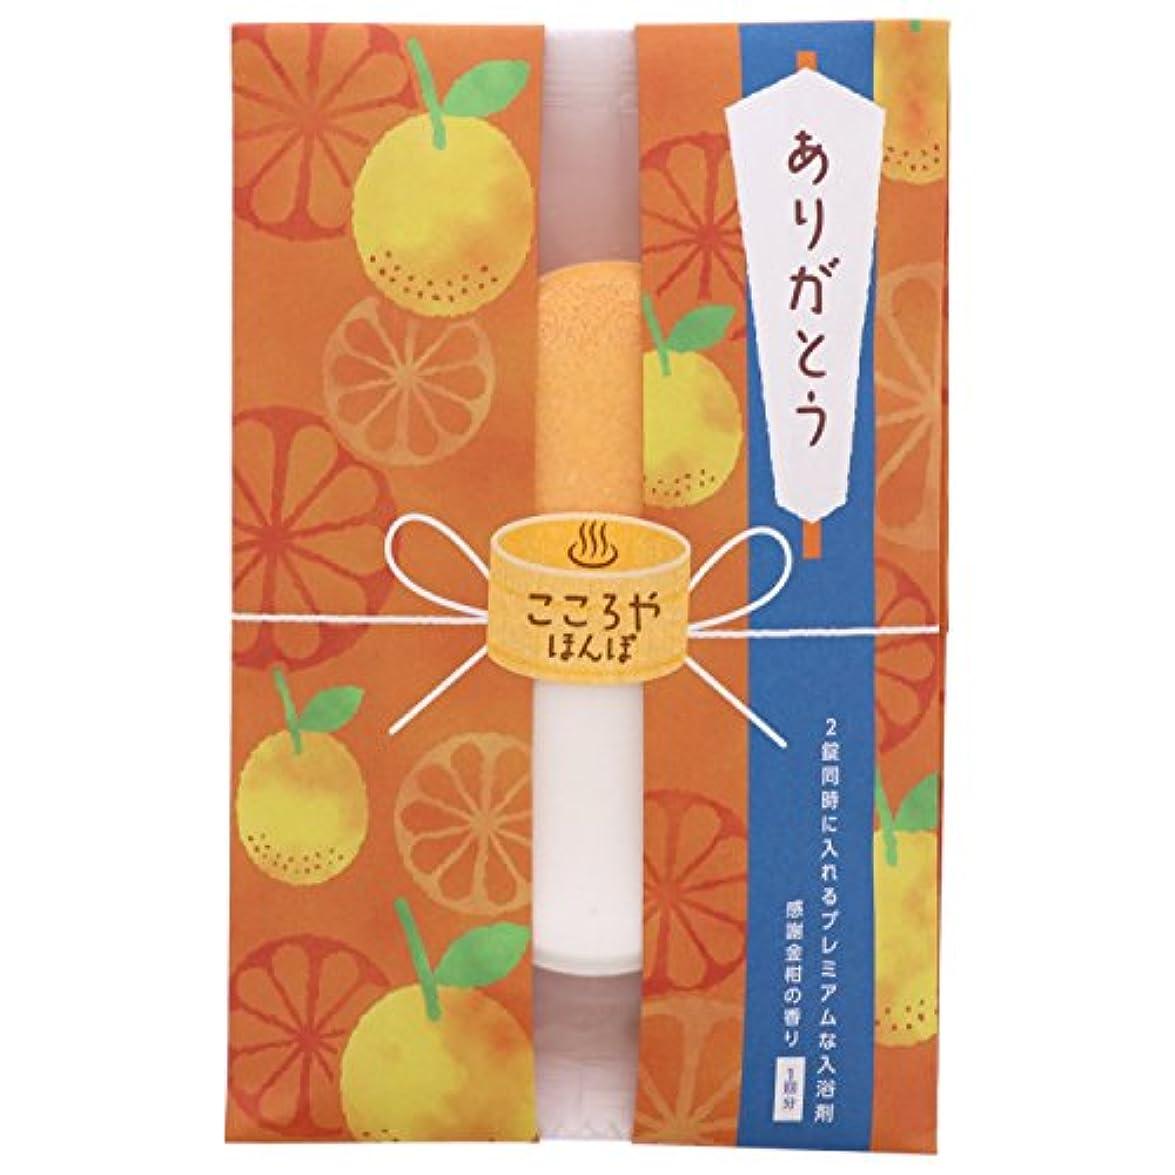 動物推定藤色こころやほんぽ カジュアルギフト 入浴剤 ありがとう 金柑の香り 50g